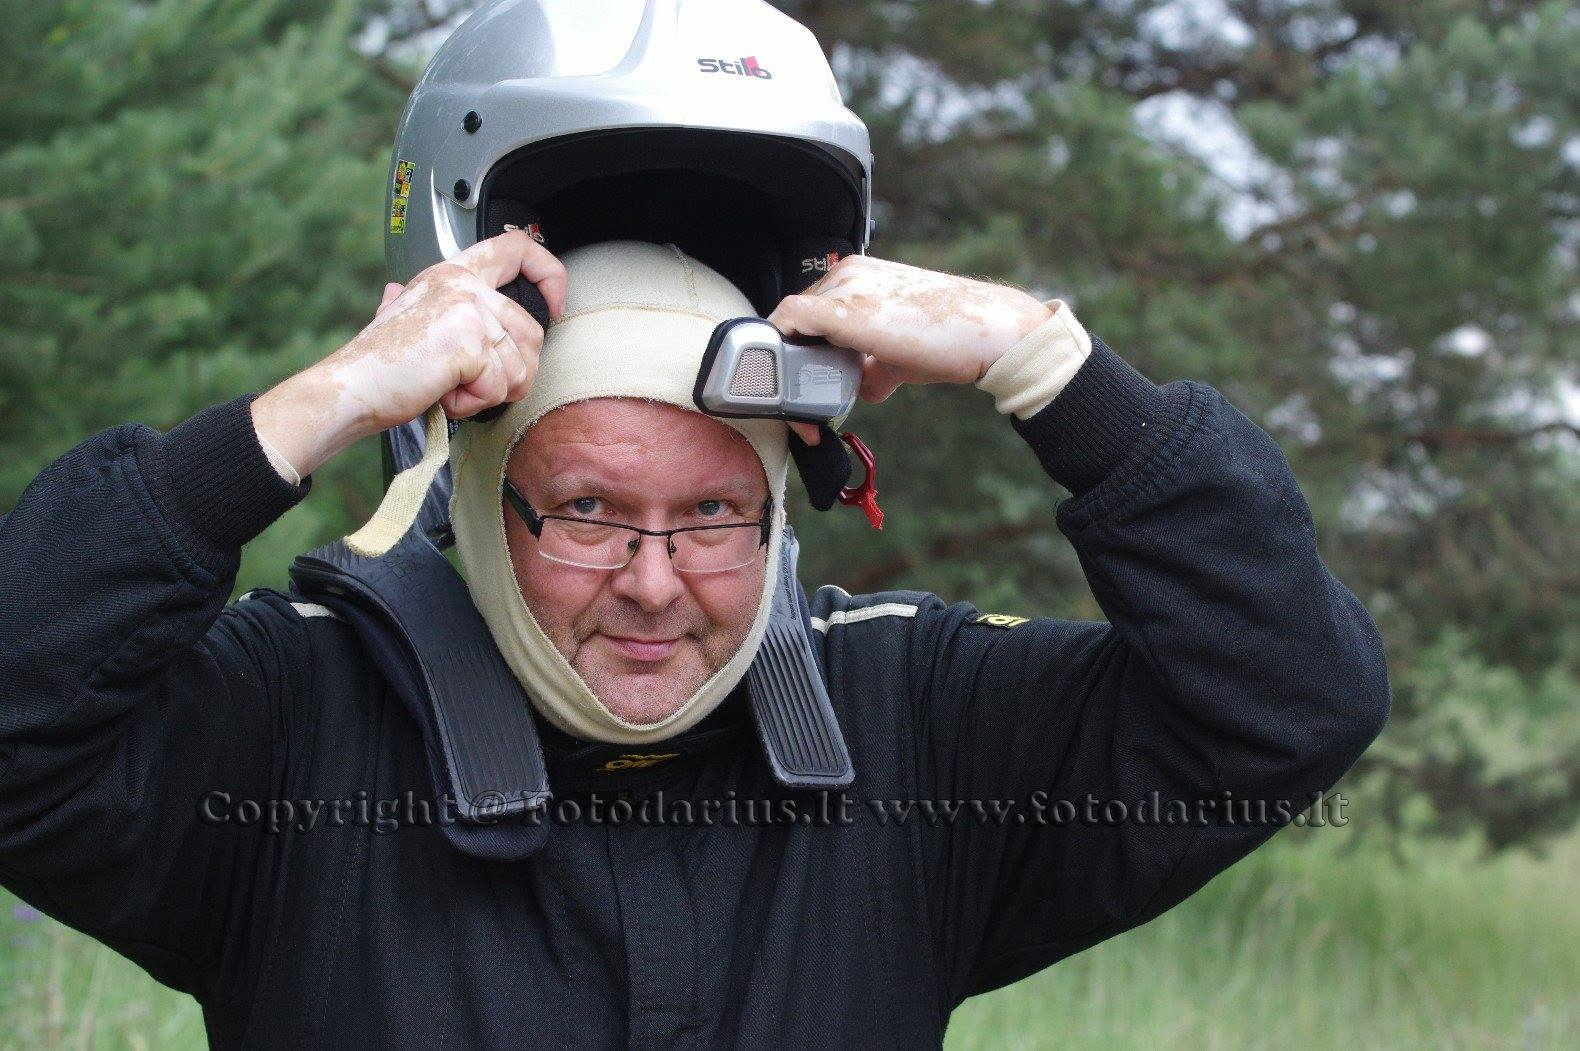 Ilgametis automobilių ralio dalyvis, šturmanas Edvinas Pagirskas prie Pelėdnagių seniūnijos vairo stojo pernai./ Fotodarius.lt nuotr.